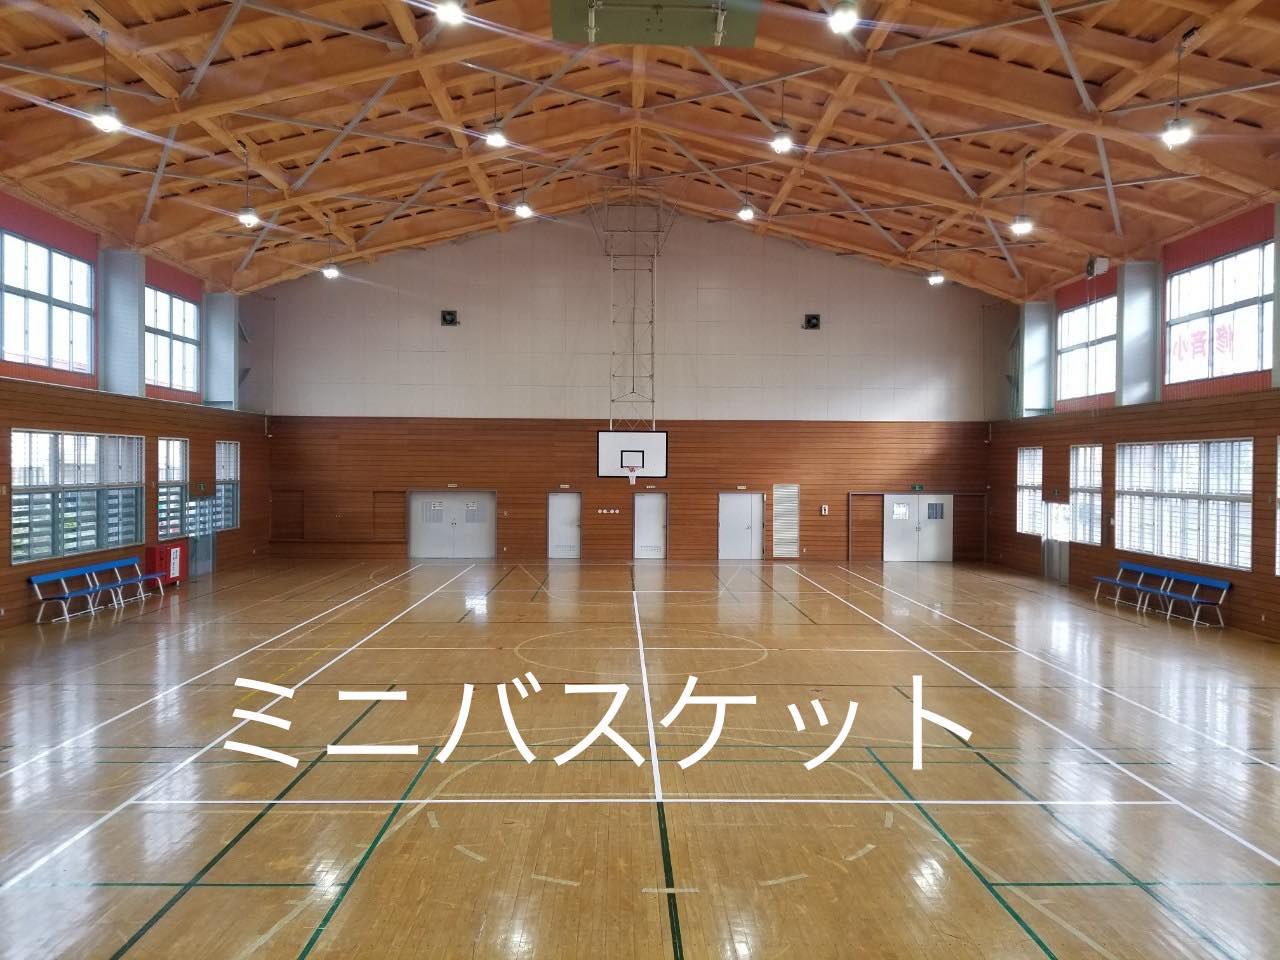 ミニバスケット